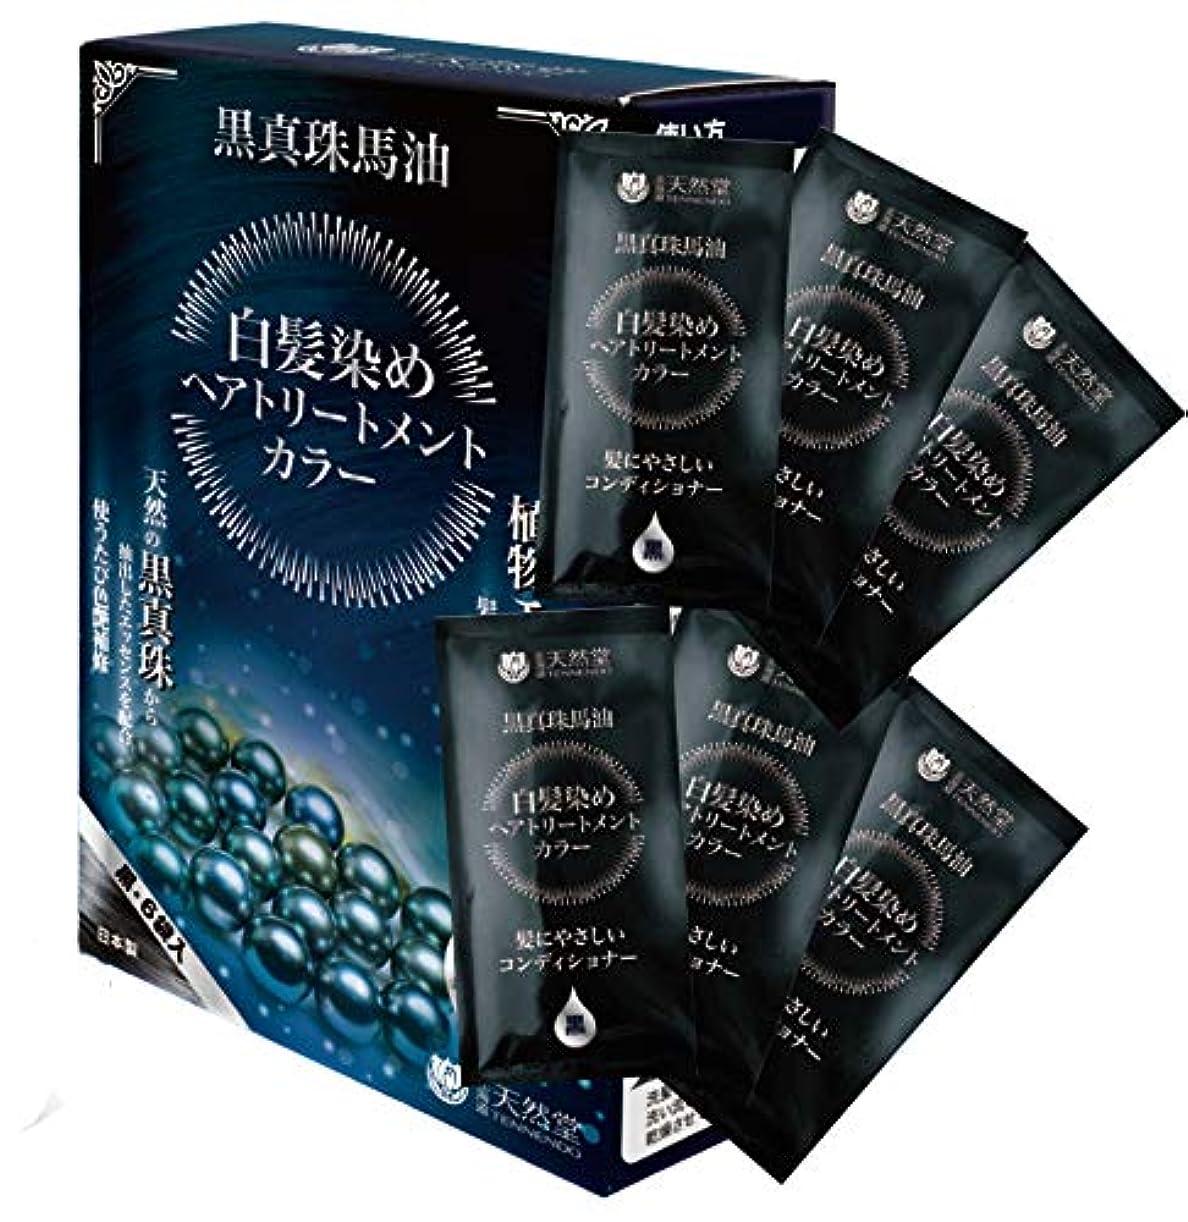 どきどき描写セッティング黒真珠馬油 白髪染め へアトリートメントカラー (黒) 20g×6 / 北海道天然堂